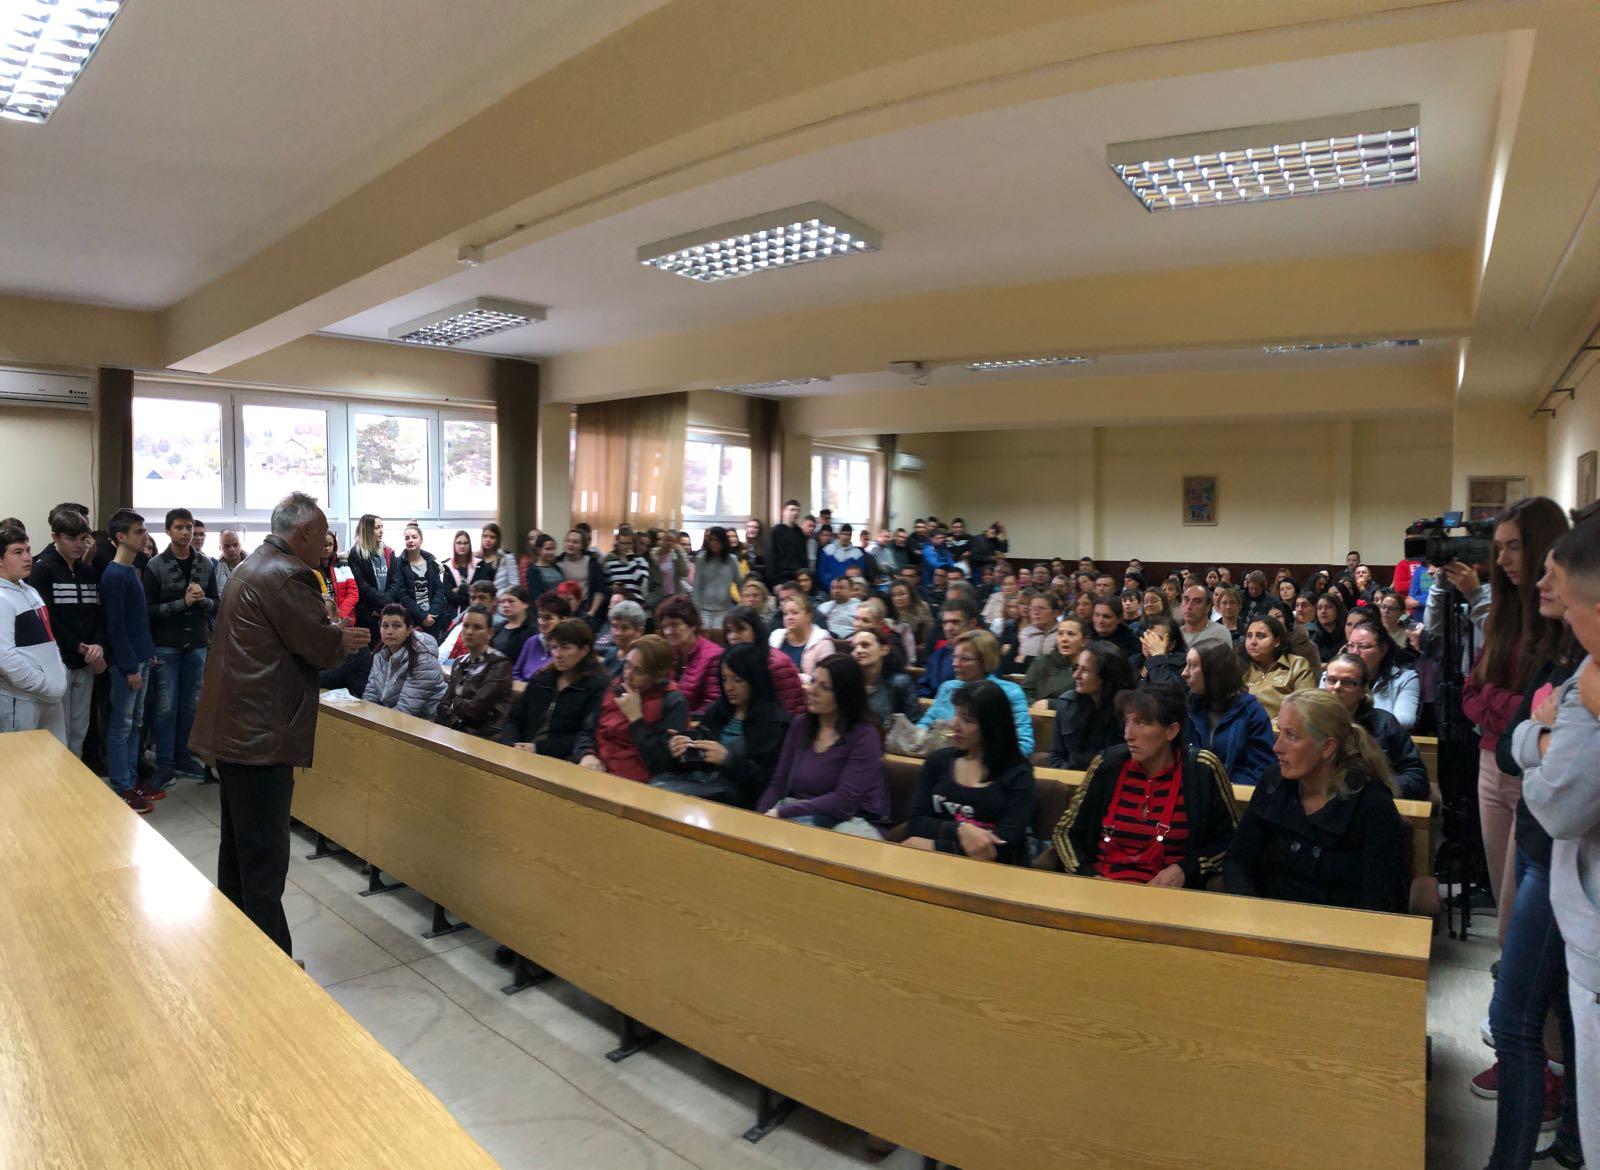 Obraćanje direktora Srednje škole Bojana Petrovića, foto: M.M.